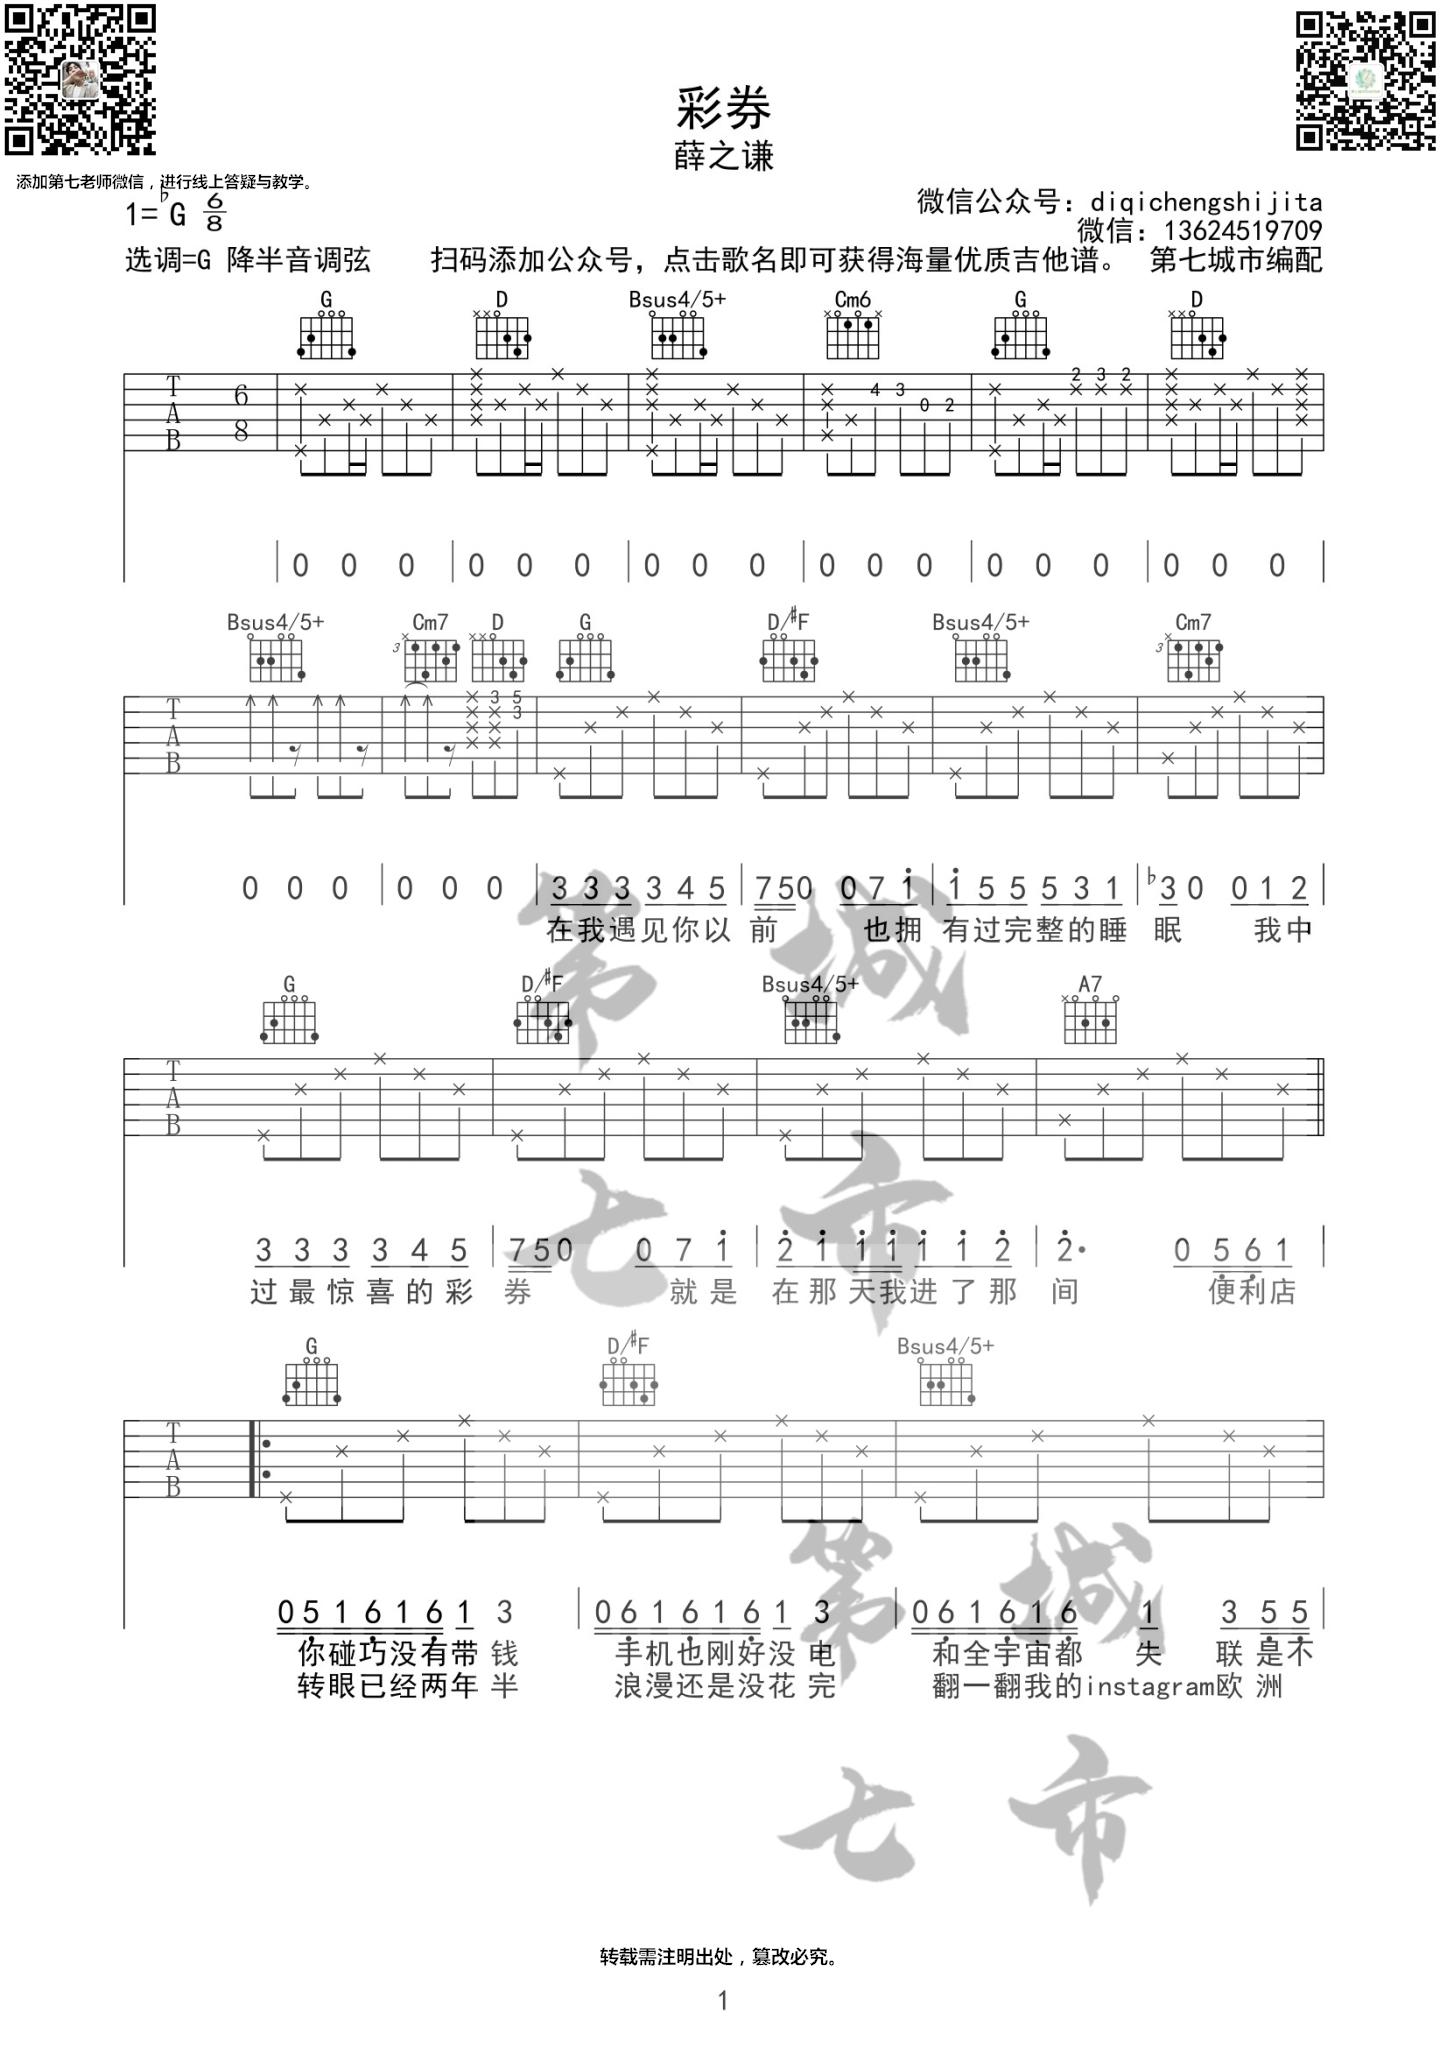 彩券吉他谱(图片谱,薛之谦,彩券,第七城市)_薛之谦_彩券二维码1.jpg